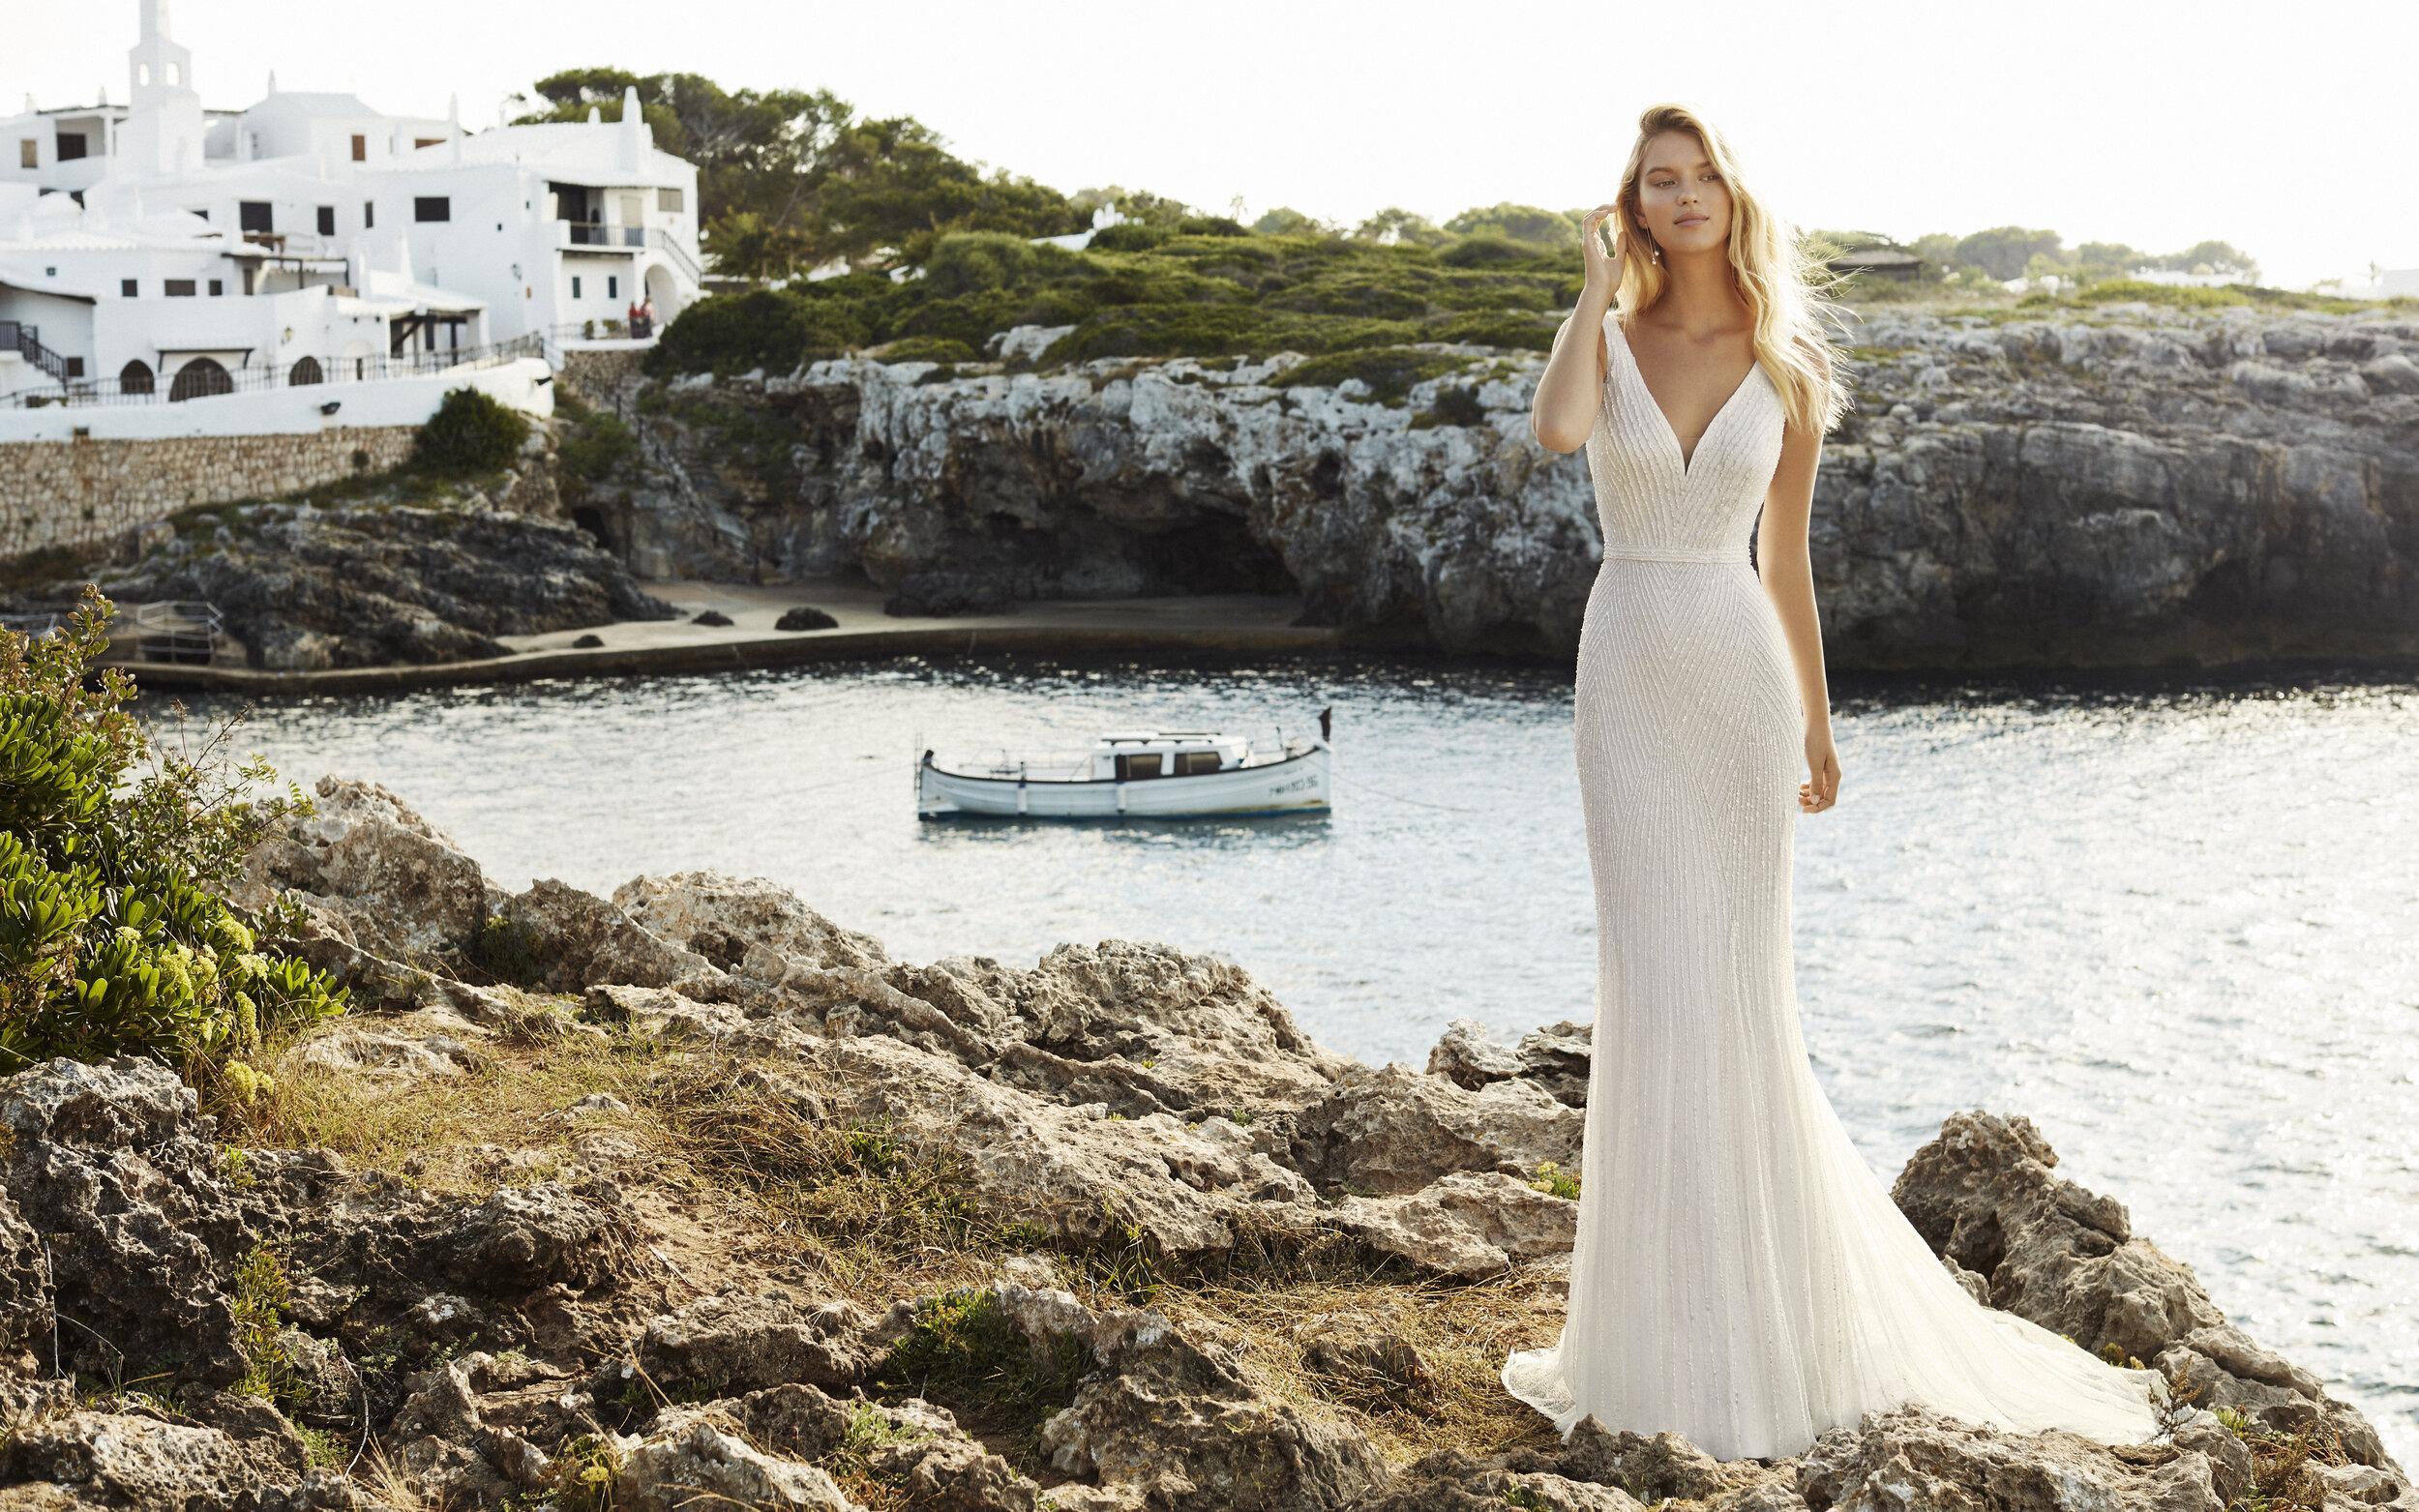 Vestido Quiro - Línea: Aire Beach Wedding / Foto: cortesía Aire Barcelona